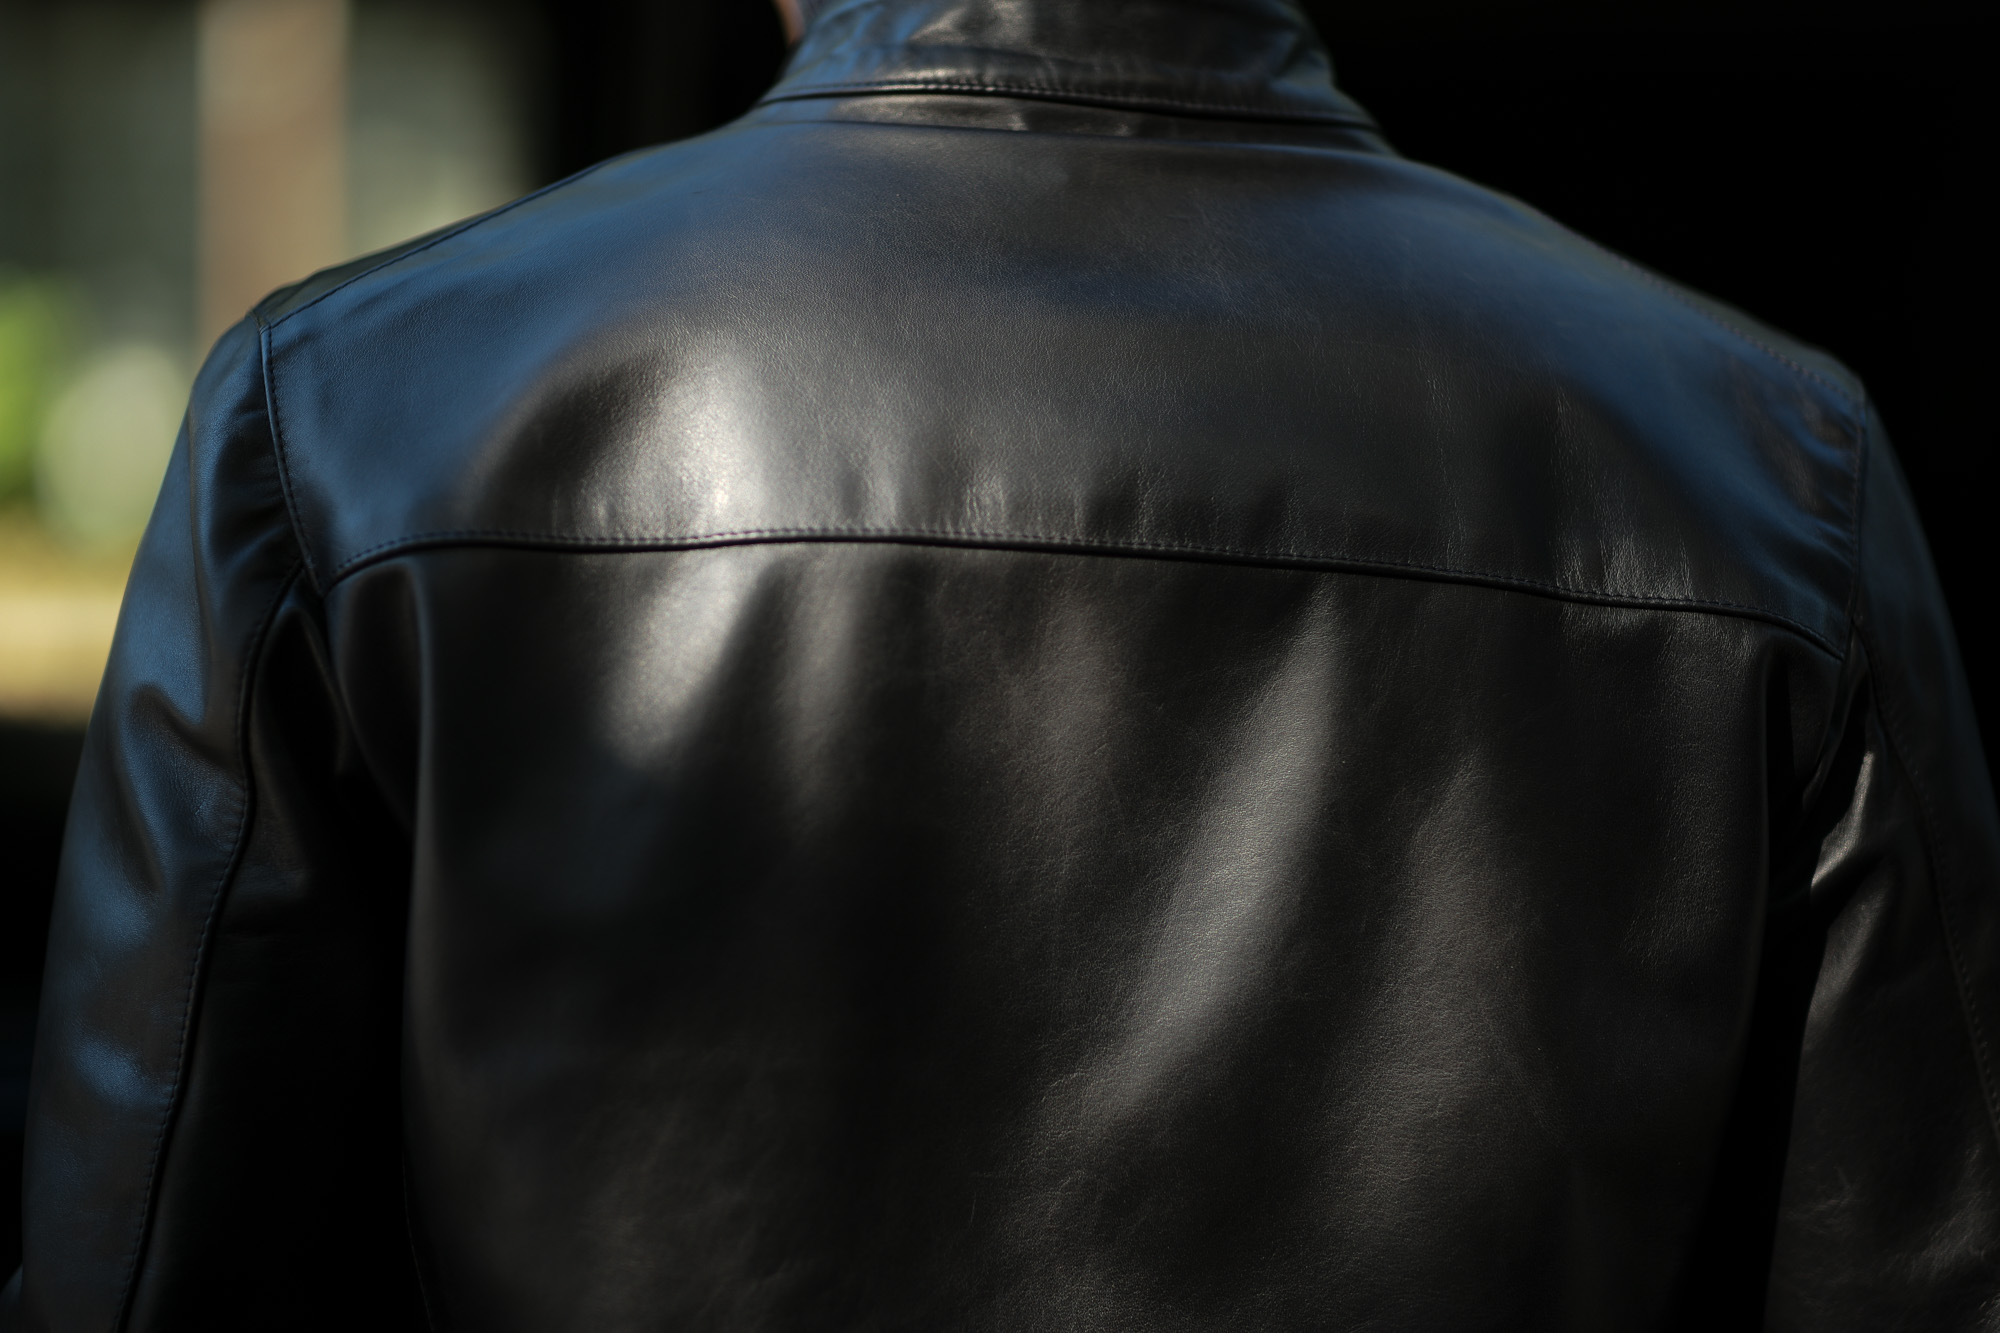 CINQUANTA(チンクアンタ) H502 STAND COLLAR RIDERS CAVALLO (スタンド カラー ジャケット) HORSE LEATHER ホースレザー シングル ライダース ジャケット BLACK GOLD (ブラック ゴールド・999) Made in italy (イタリア製) 2019 秋冬新作   cinquanta チンクアンタ レザージャケット 愛知 名古屋 Alto e Diritto アルト エ デリット アルトエデリット